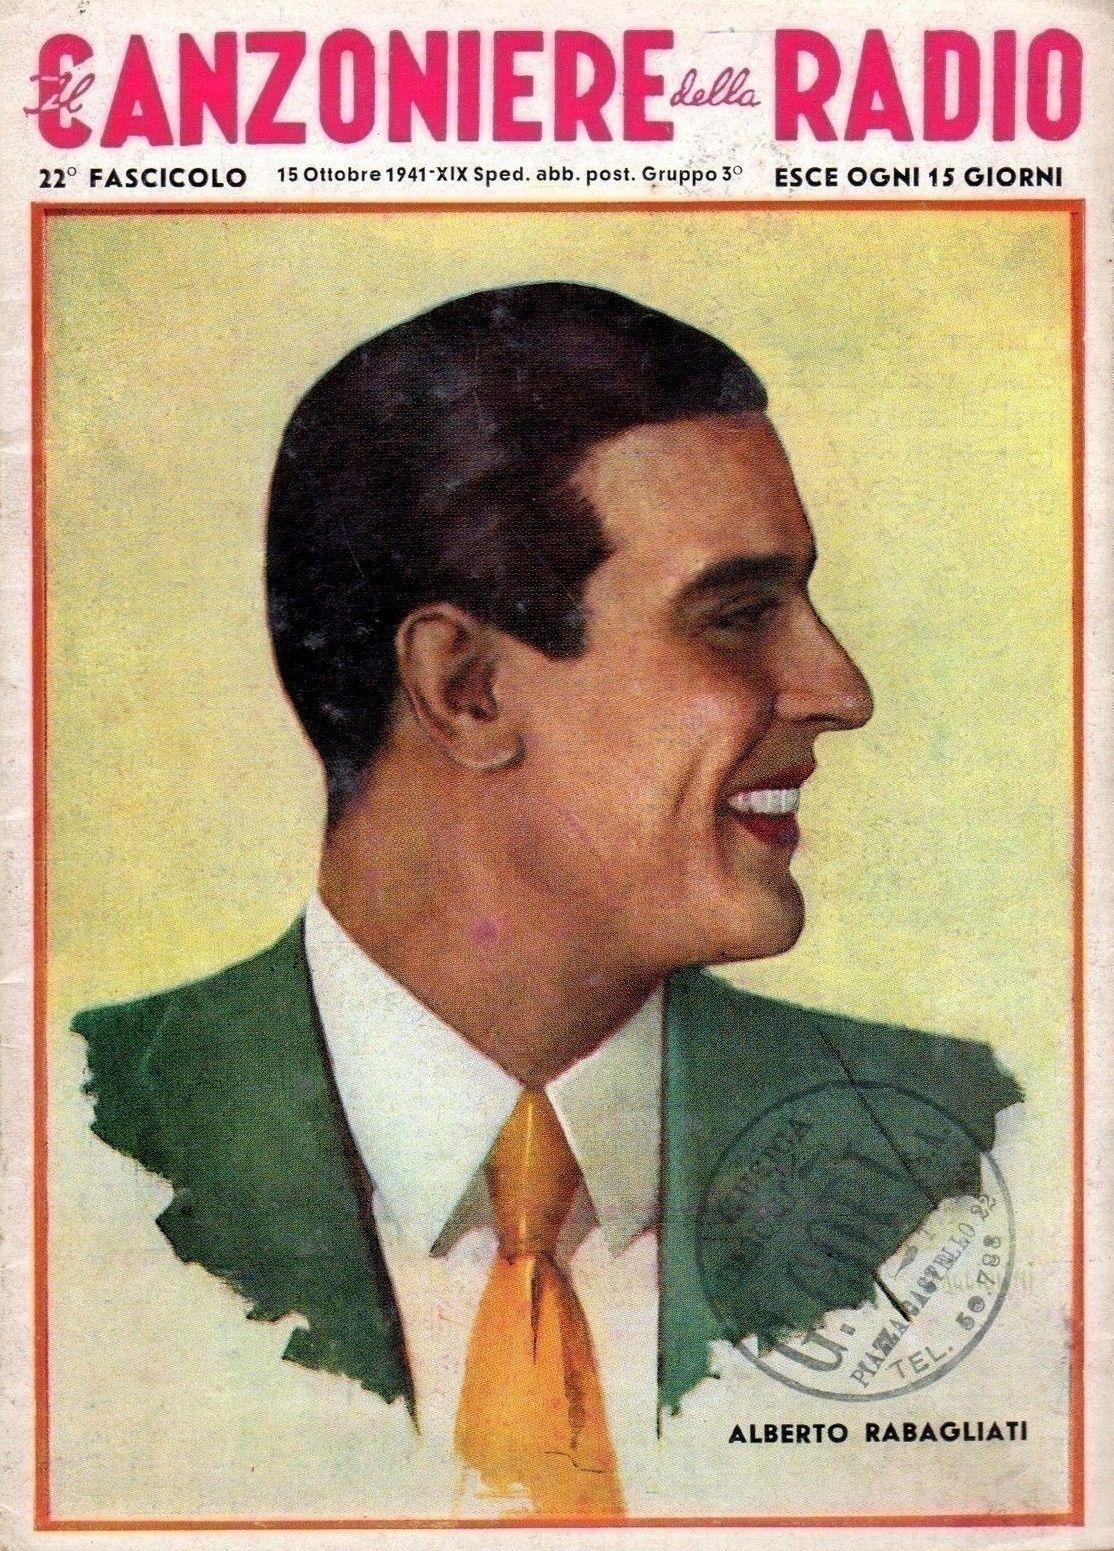 """Artwork featuring Alberto Rabagliati - Cover of fortnightly magazine """"Il Canzoniere della Radio"""" [Radio Songbook], 15th October 1941."""